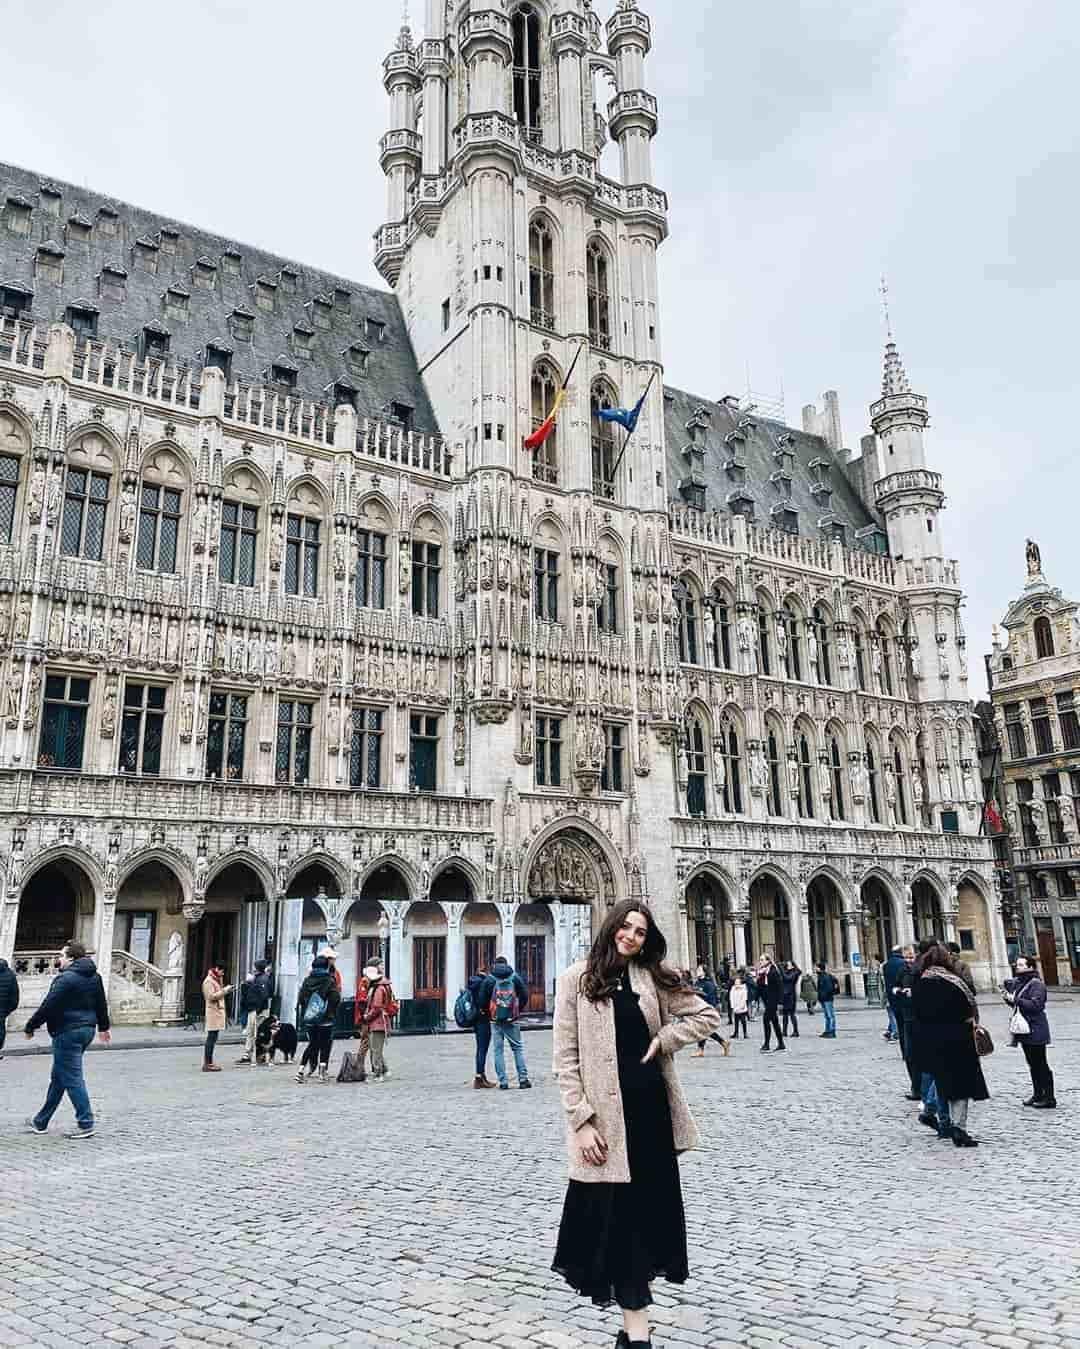 Explore 10 Wisata Terbaik Belgia yang Tawarkan Petualangan